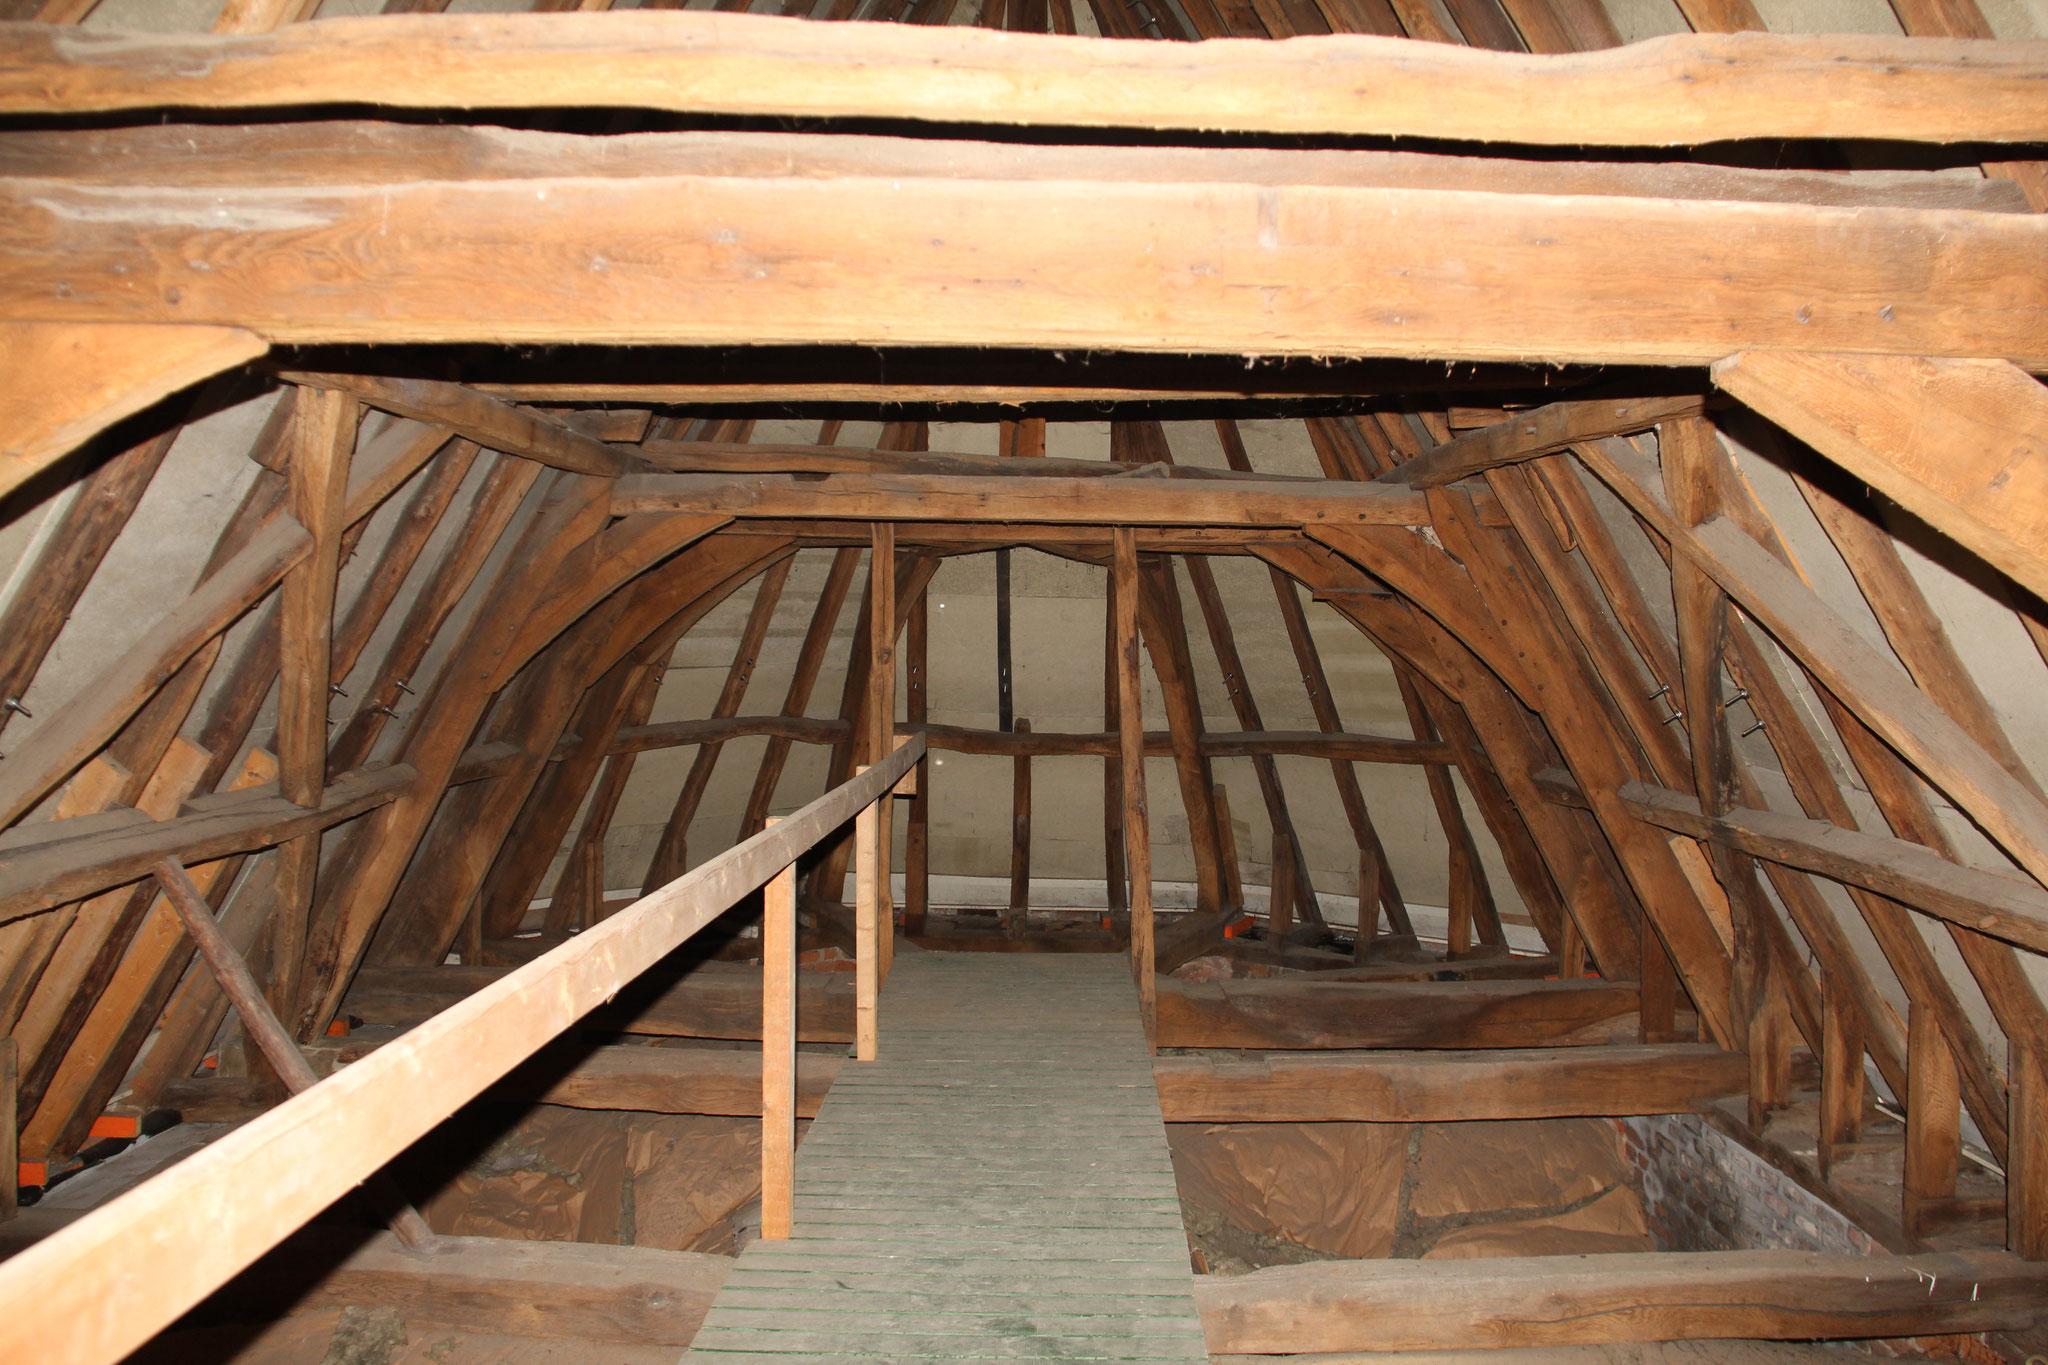 Zestiende- of mogelijk zelfs vijftiende-eeuwse kap van de kapel.